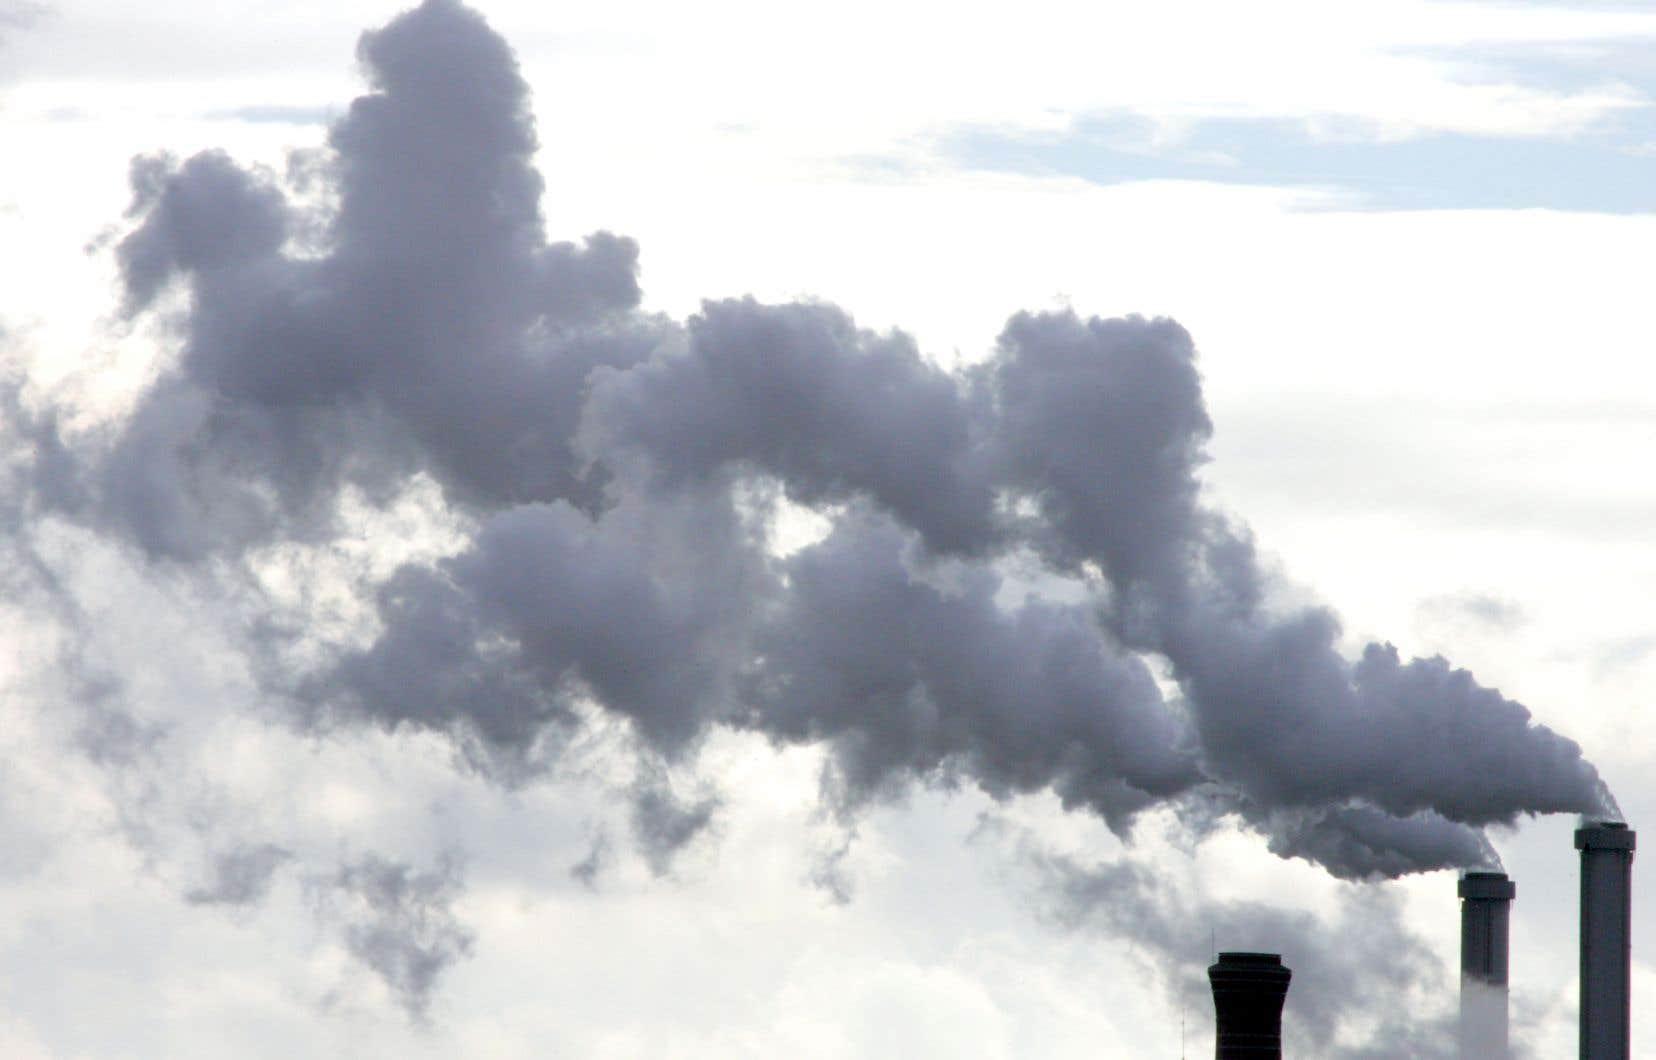 Le premier ministre Justin Trudeau a promis en avril que le Canada réduirait d'ici 2030 ses émissions de gaz à effet de serre de 40 à 45 % par rapport aux niveaux de 2005.